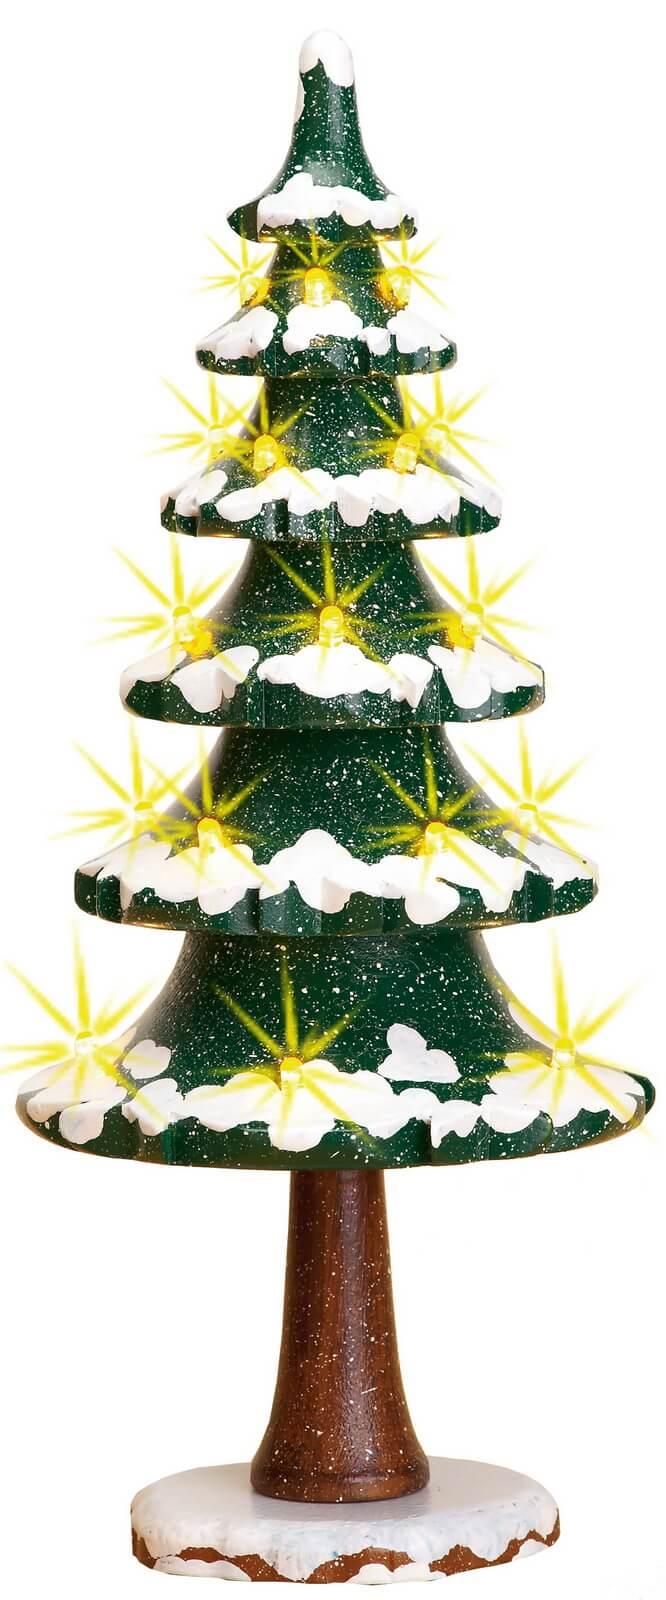 Winterkinder Lichterbaum von Hubrig Volkskunst, elektrisch